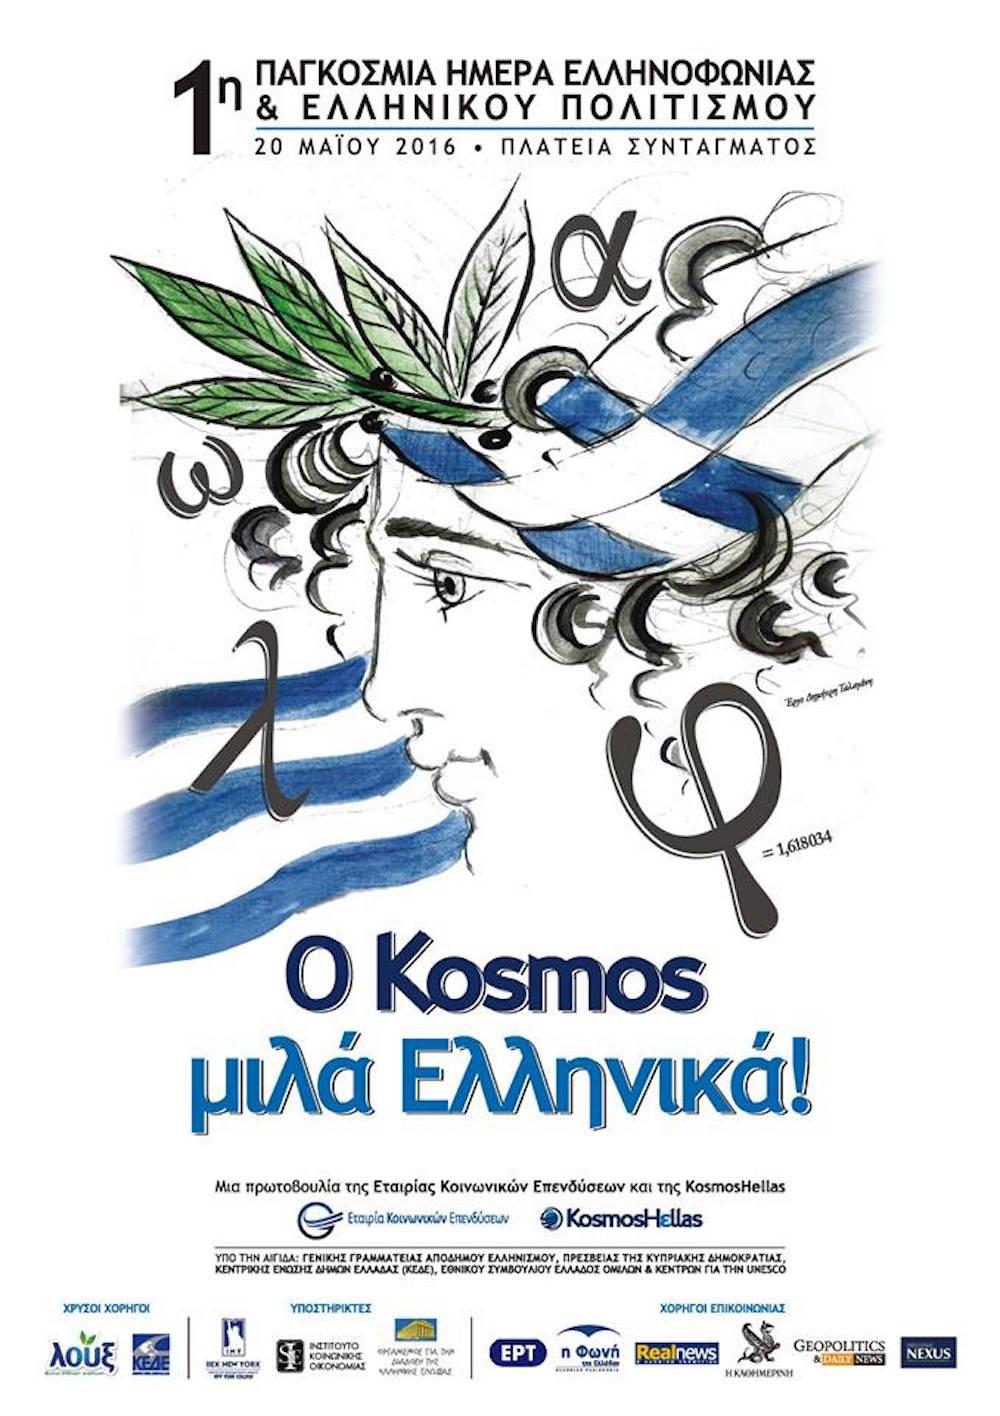 ημερα ελληνοφωνιας αφισα